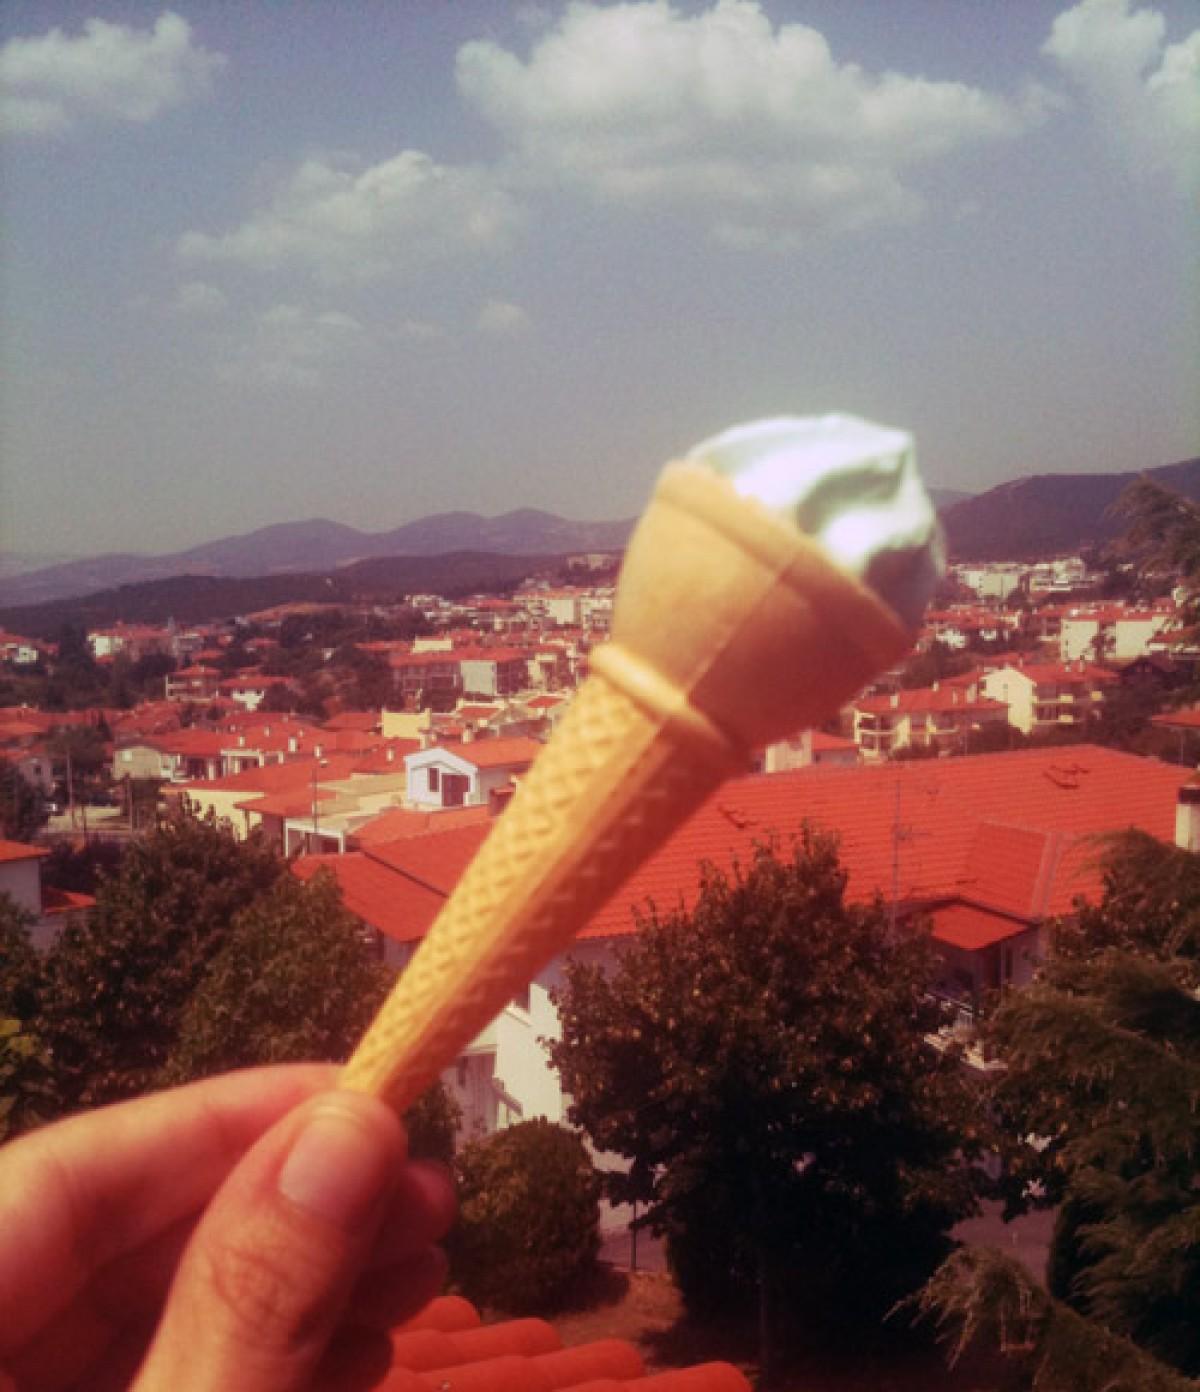 Το ψεύτικο παγωτάκι (και οι απαγορευμένες λιχουδιές)